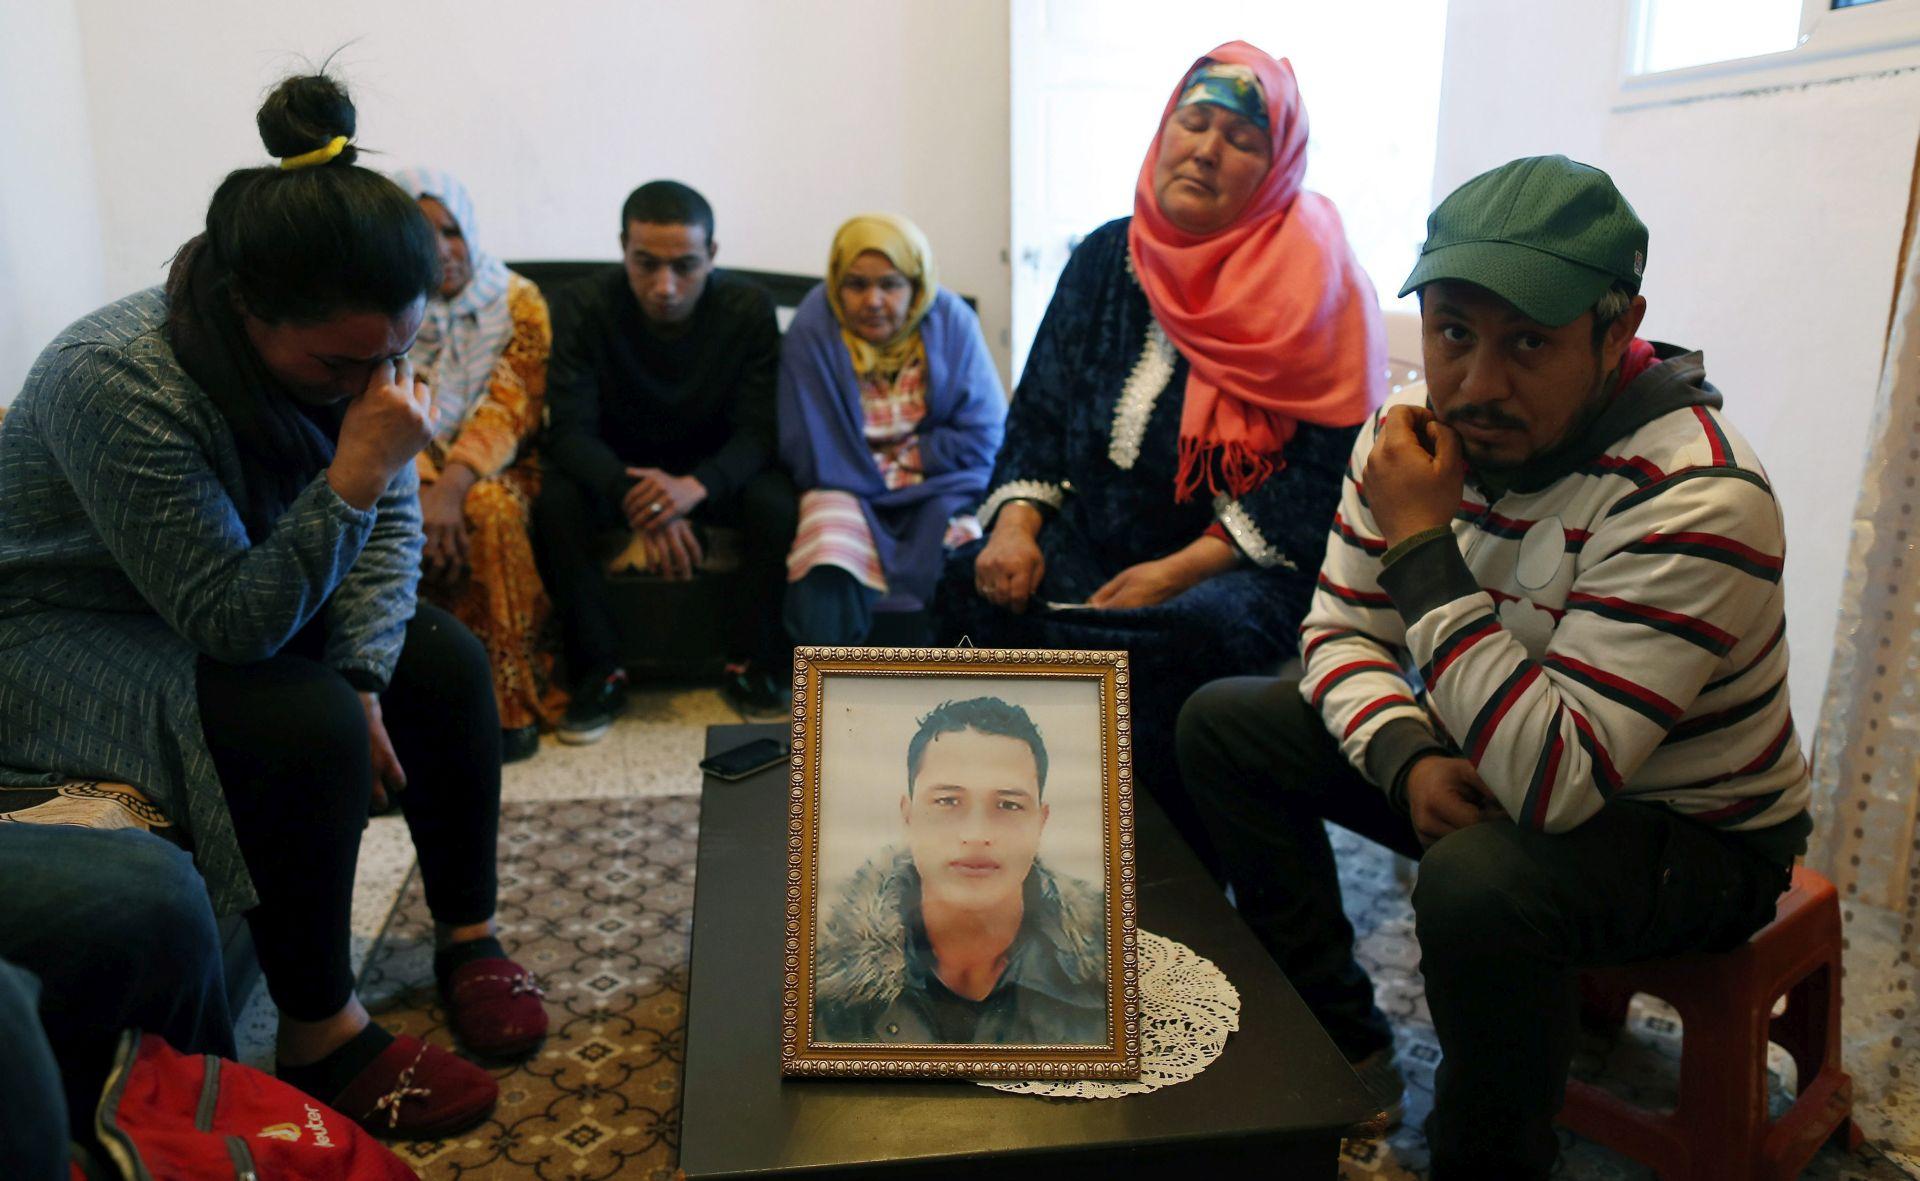 Njemačka policija misli da je osumnjičeni Anis Amri i dalje u Berlinu